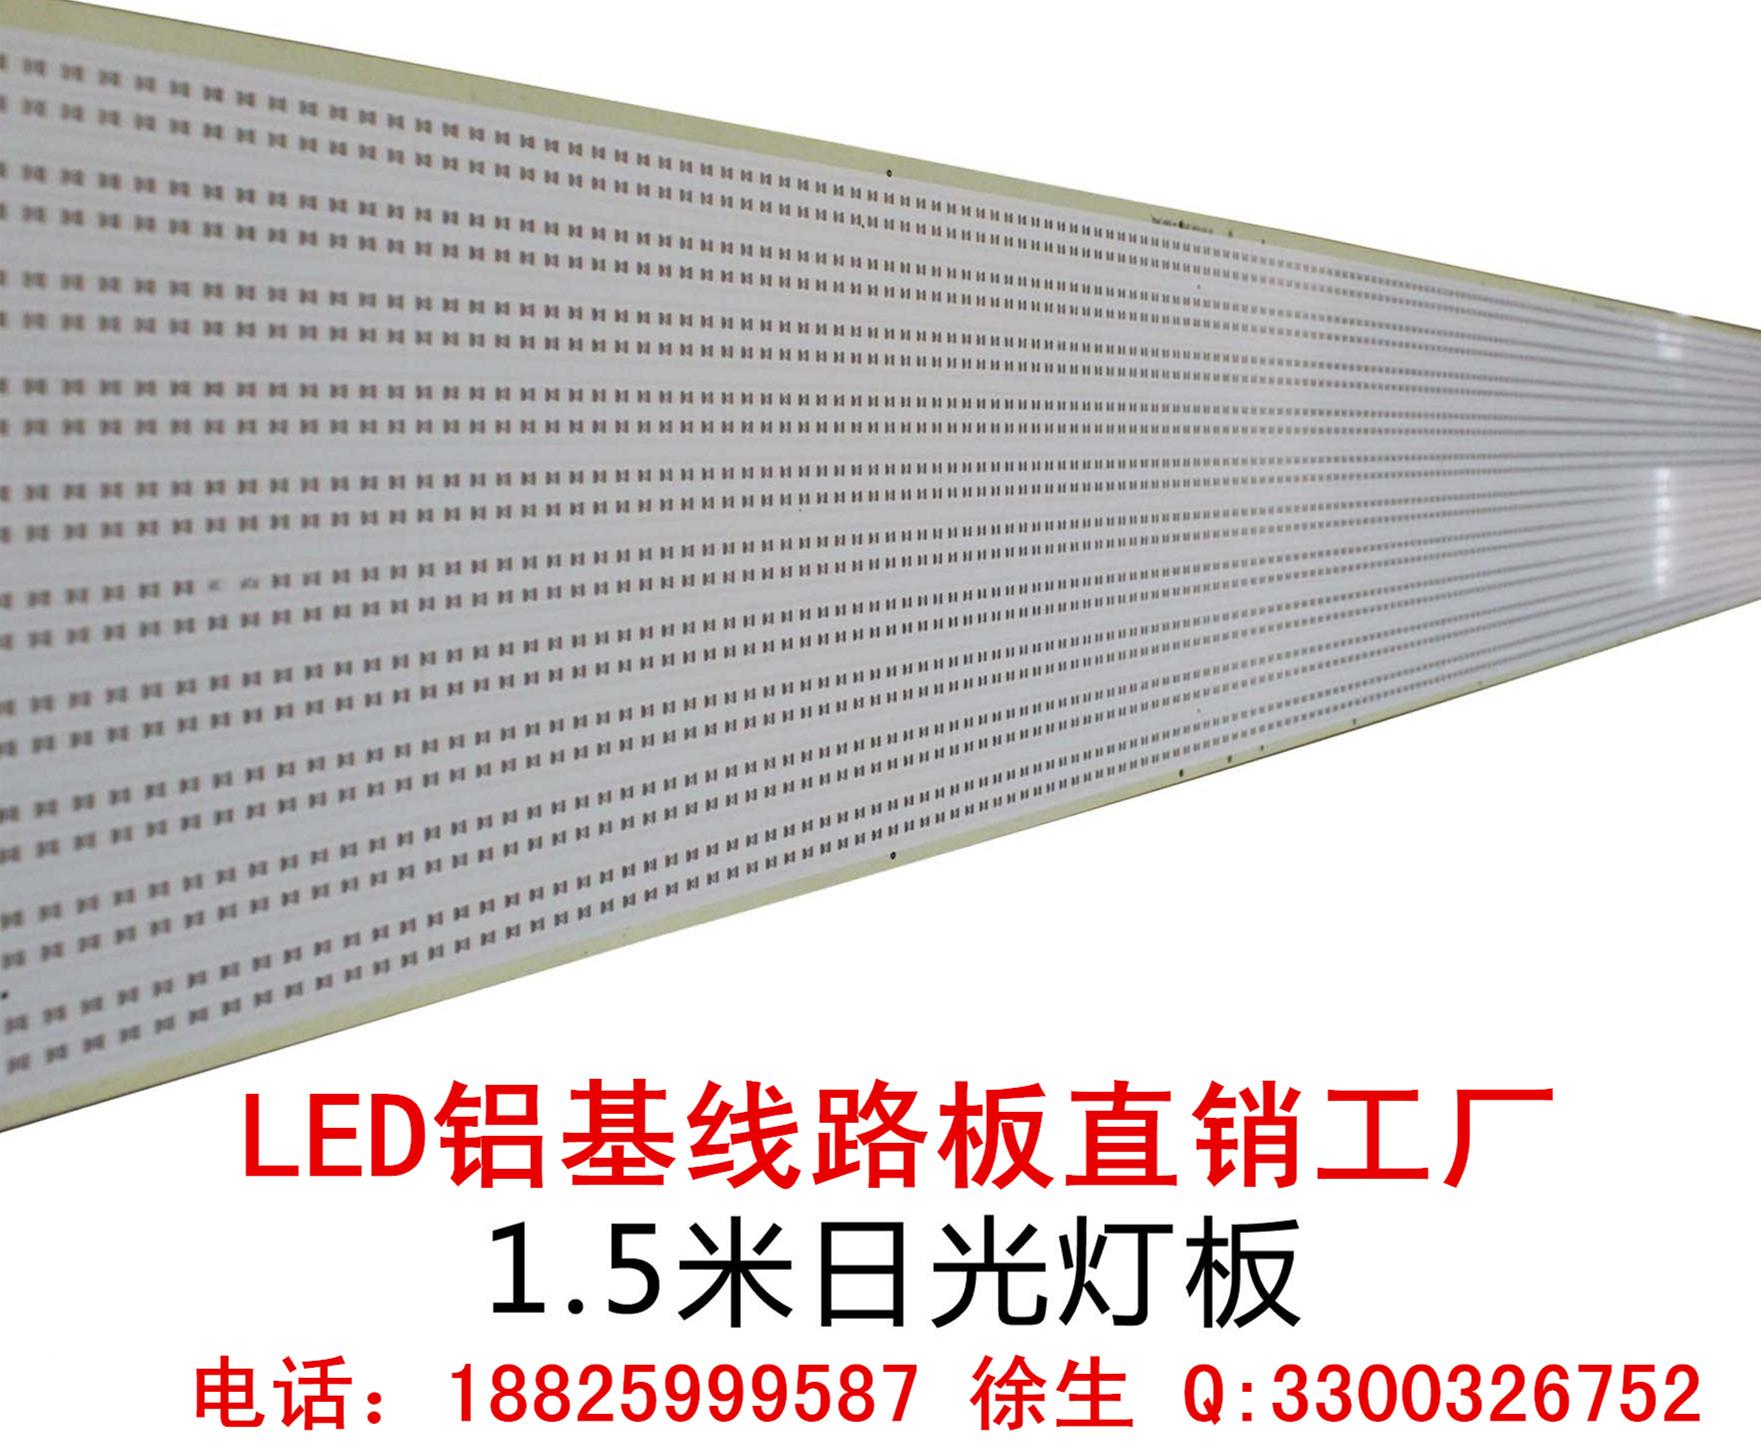 LED铝基板生产厂家供应商